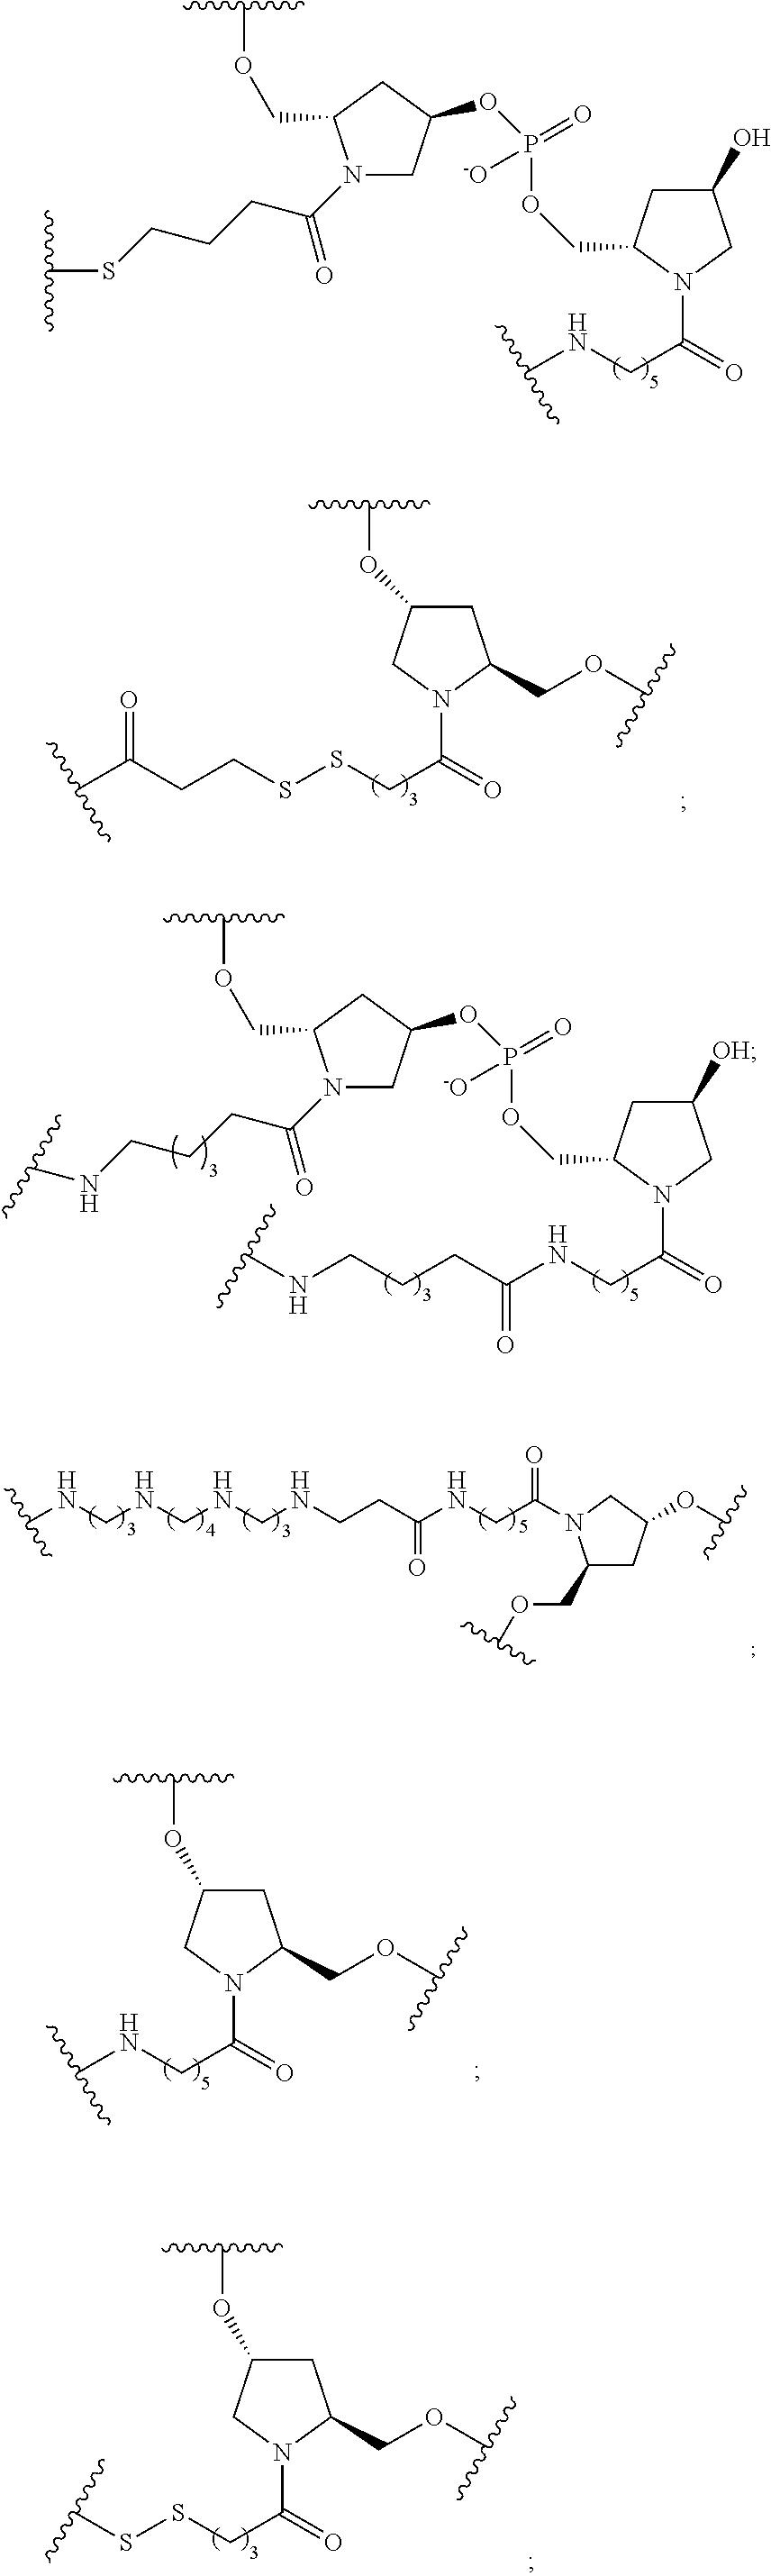 Figure US09943604-20180417-C00062